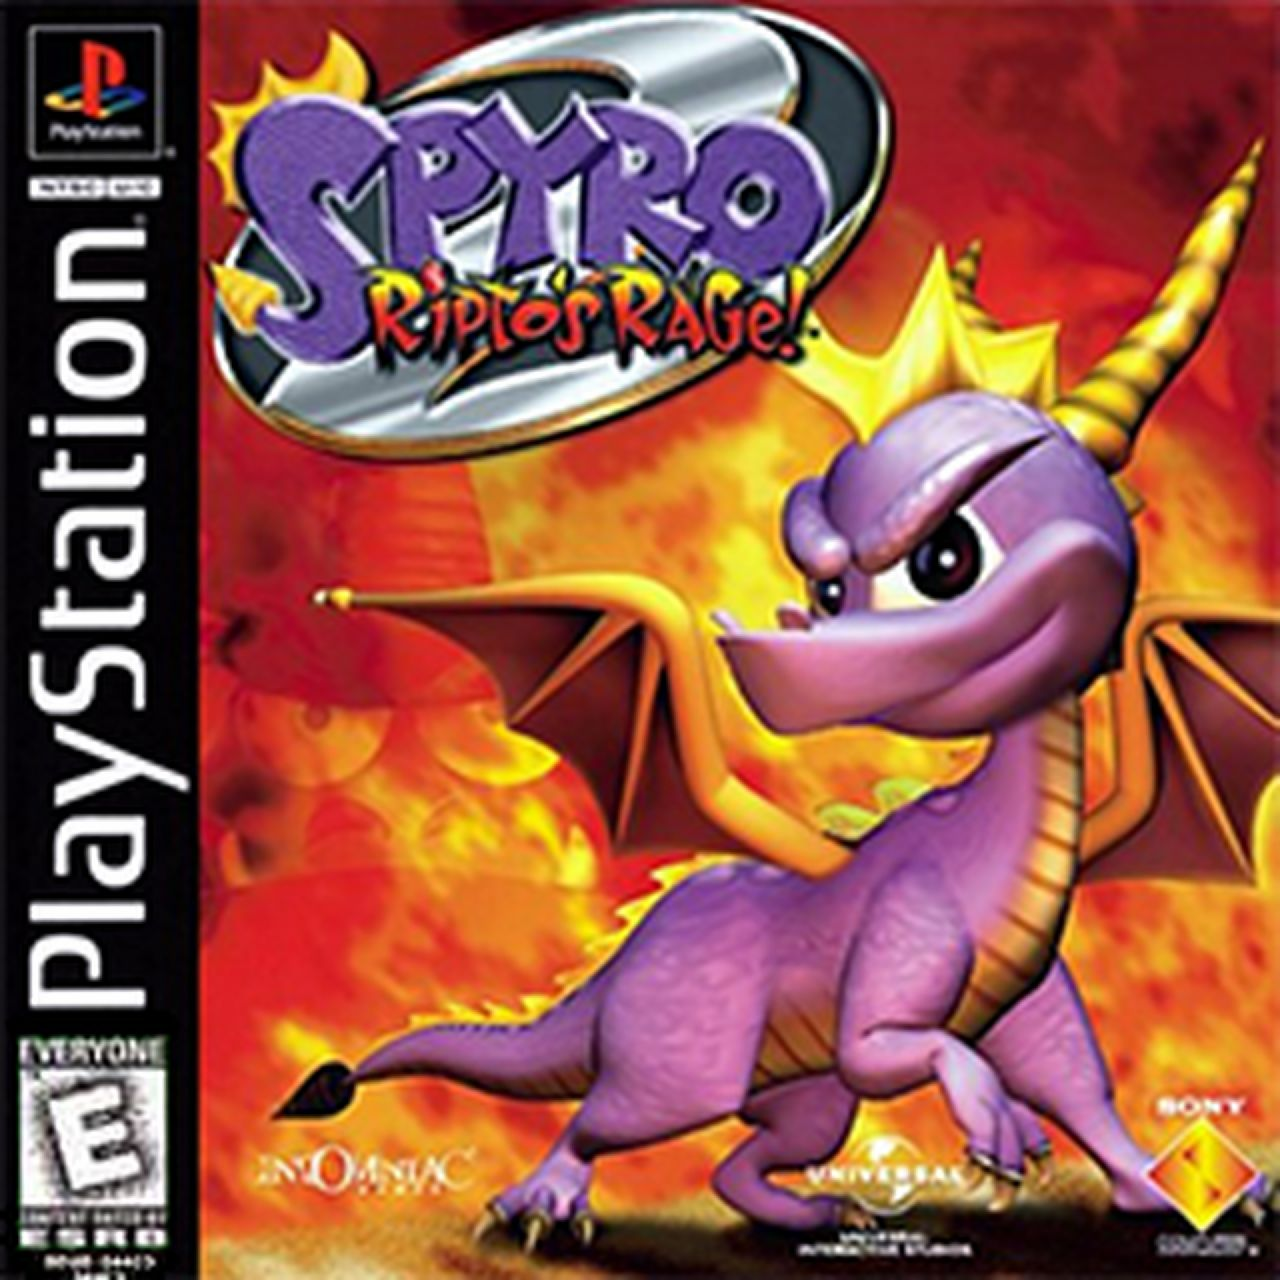 Spyro: Riptos Rage